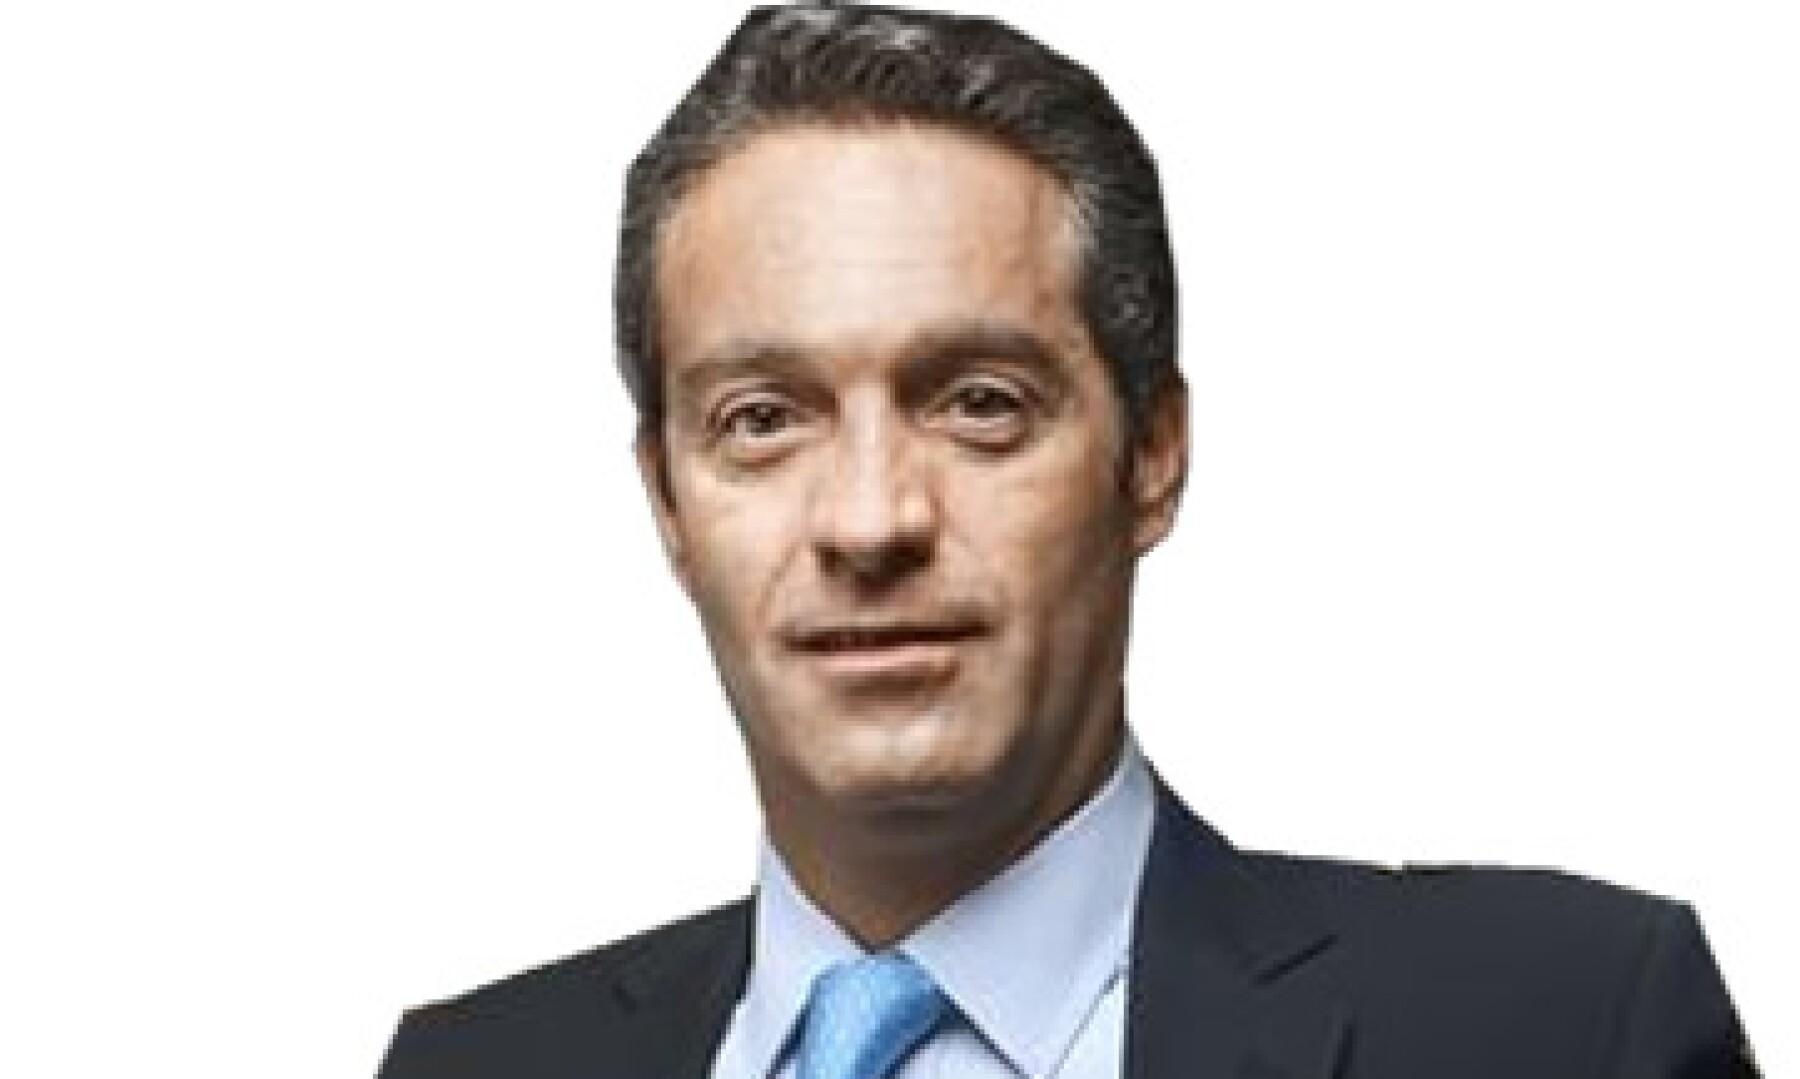 Sanborns, empresa donde participa Carlos Slim Domit, ve a Fancy como un aliado en su estrategia de e-commerce. (Foto: Especial )